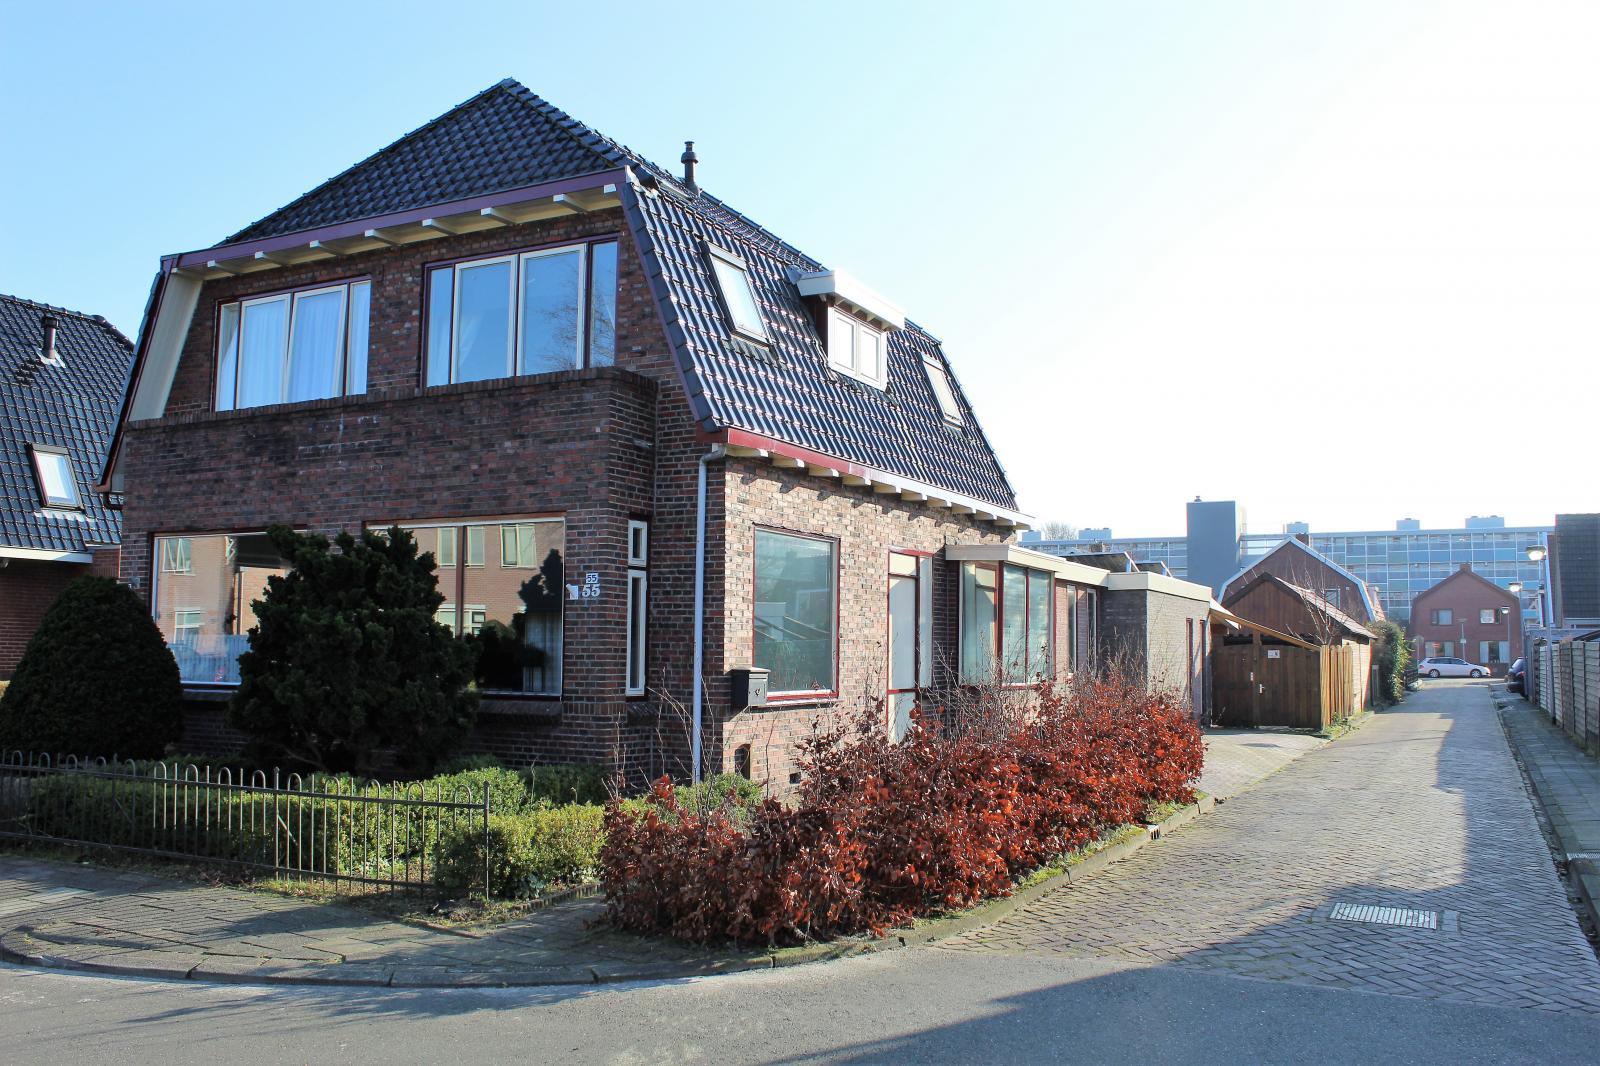 Burg v Roijenstr Oost 55